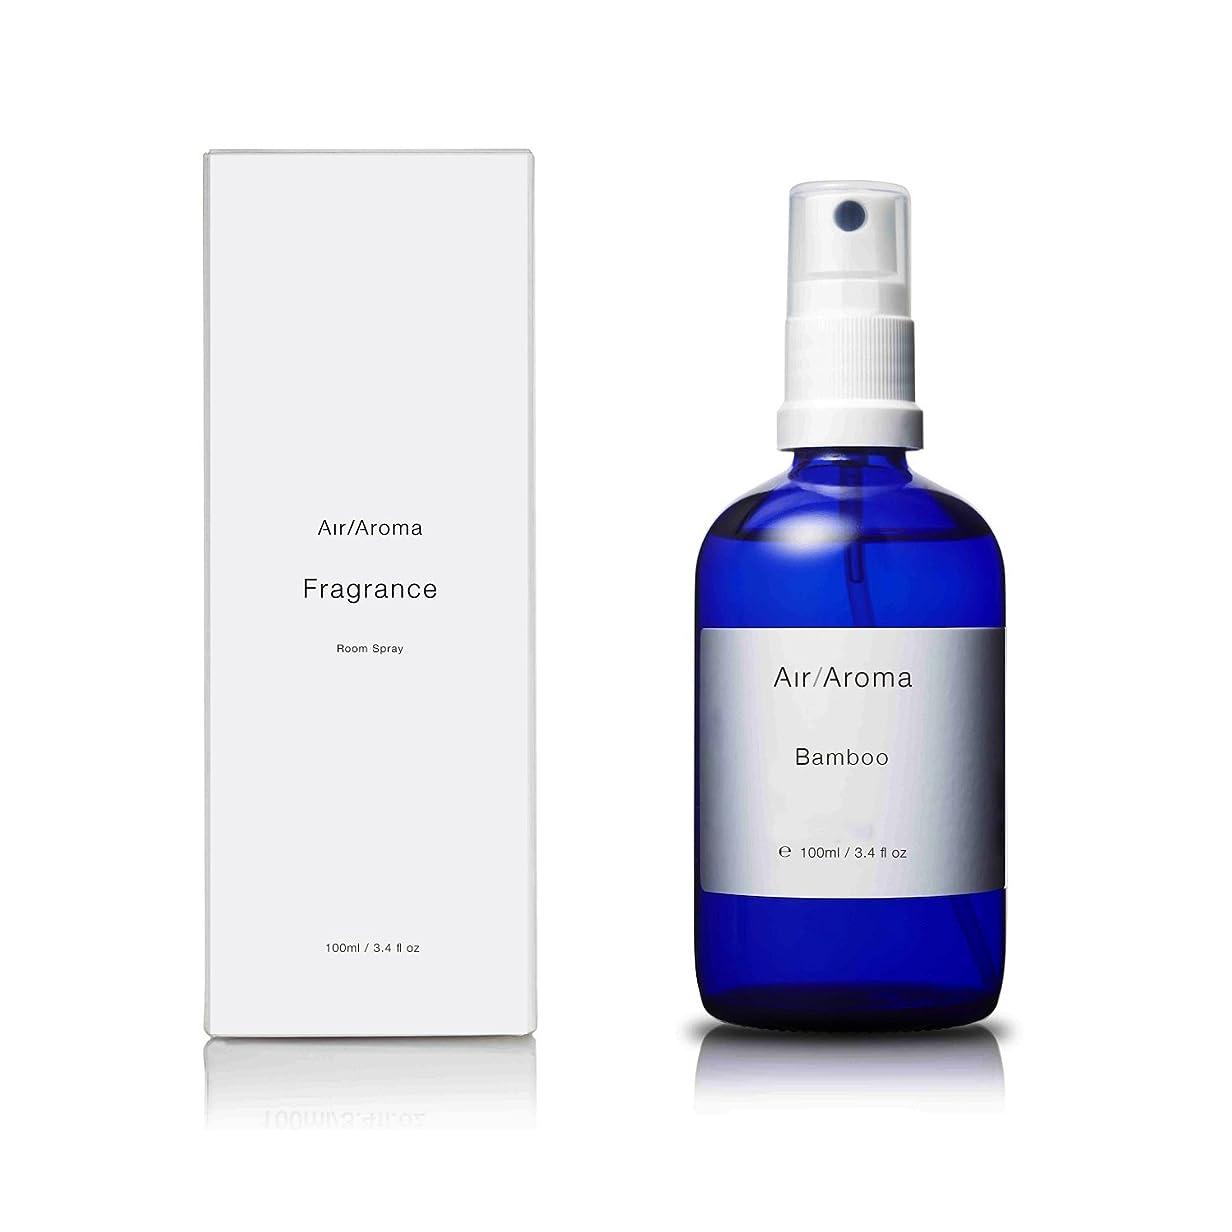 マカダム笑いメンタリティエアアロマ bamboo room fragrance (バンブー ルームフレグランス) 100ml